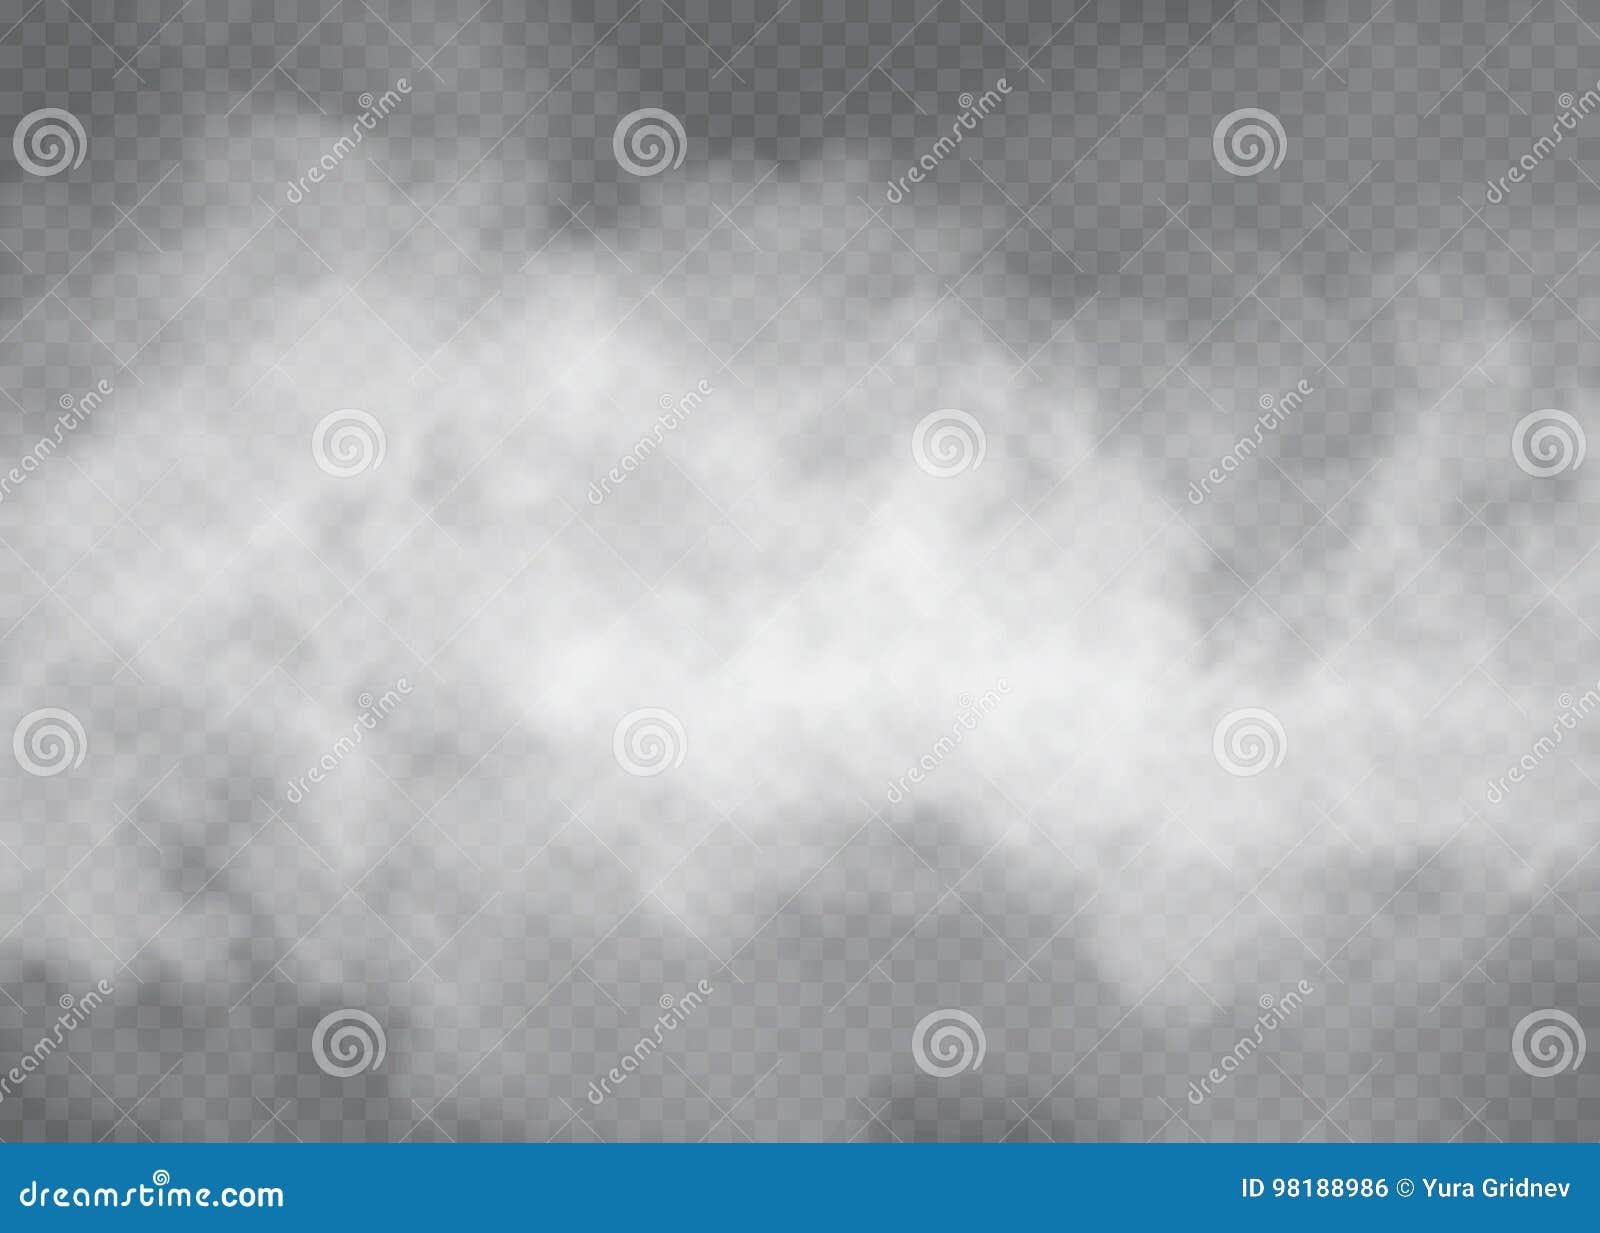 Effetto speciale trasparente del fumo o della nebbia Fondo bianco di opacità, della foschia o dello smog Illustrazione di vettore